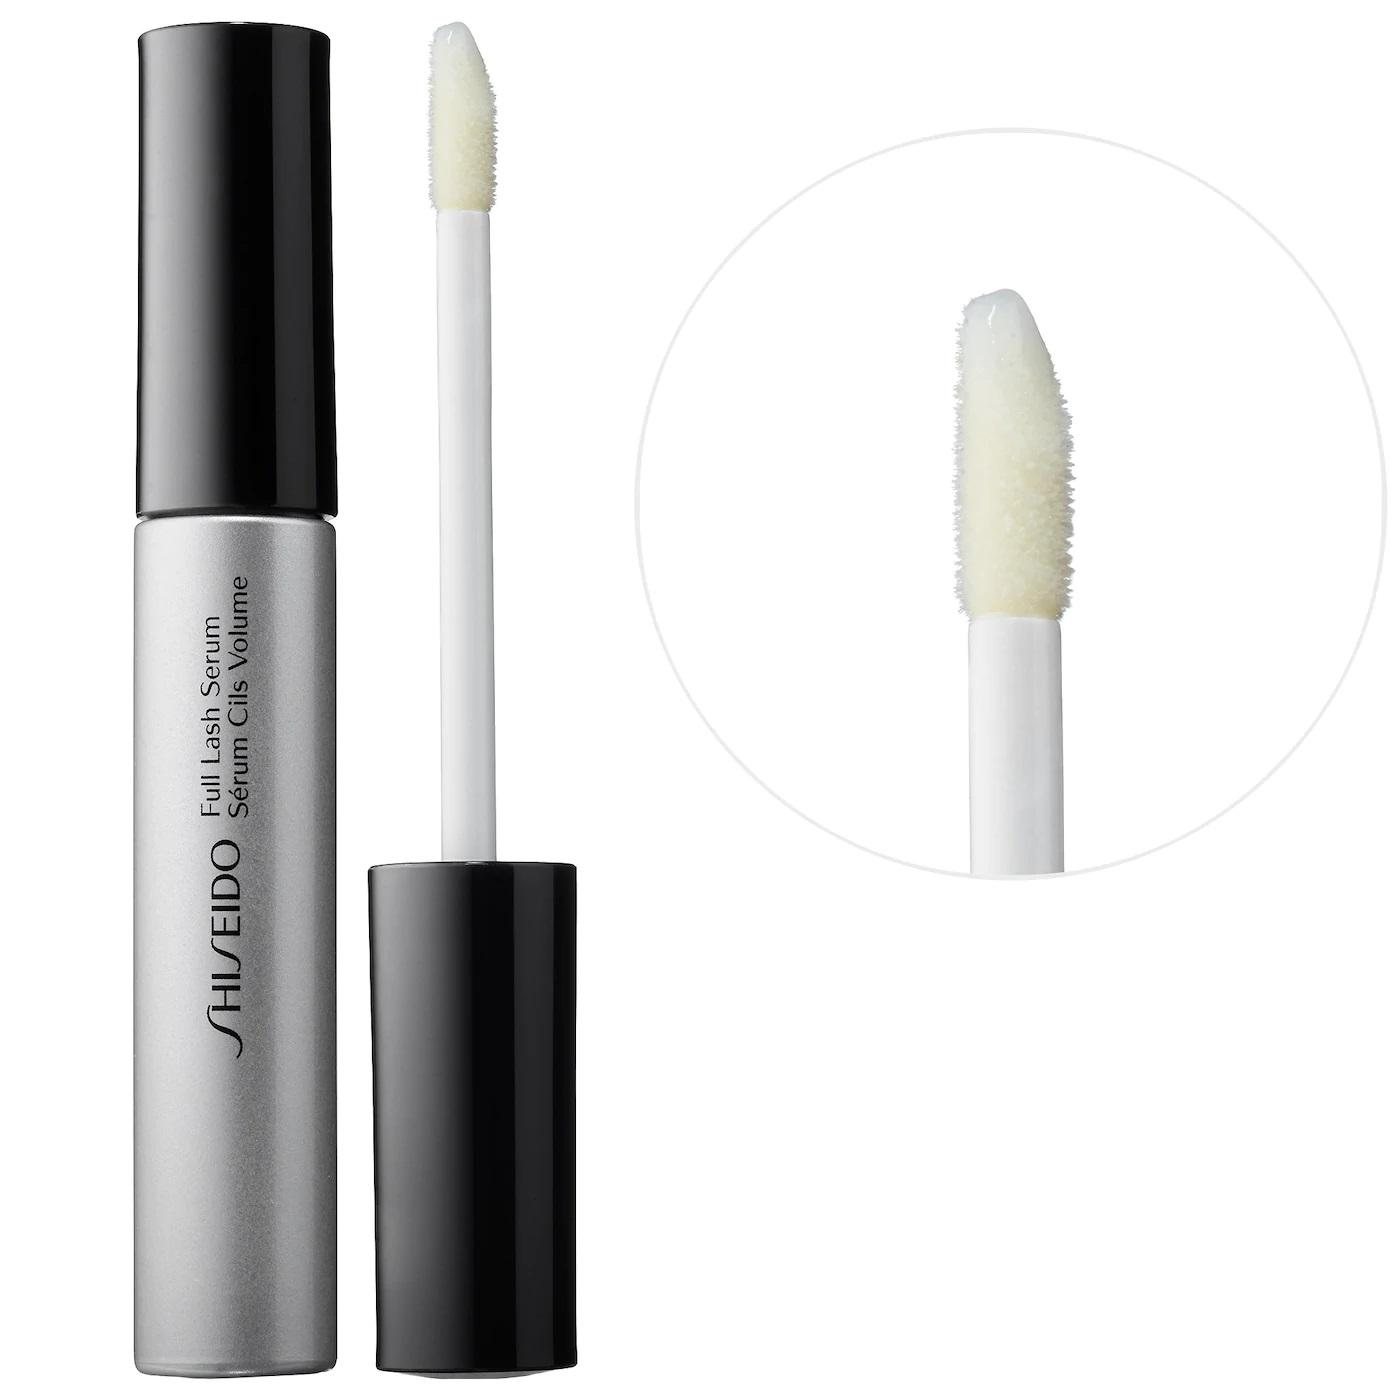 Un producto hidratante para el área. Prueba el Shiseido Full Lash and Brow Serum, disponible en Sephora. (Suministrada)